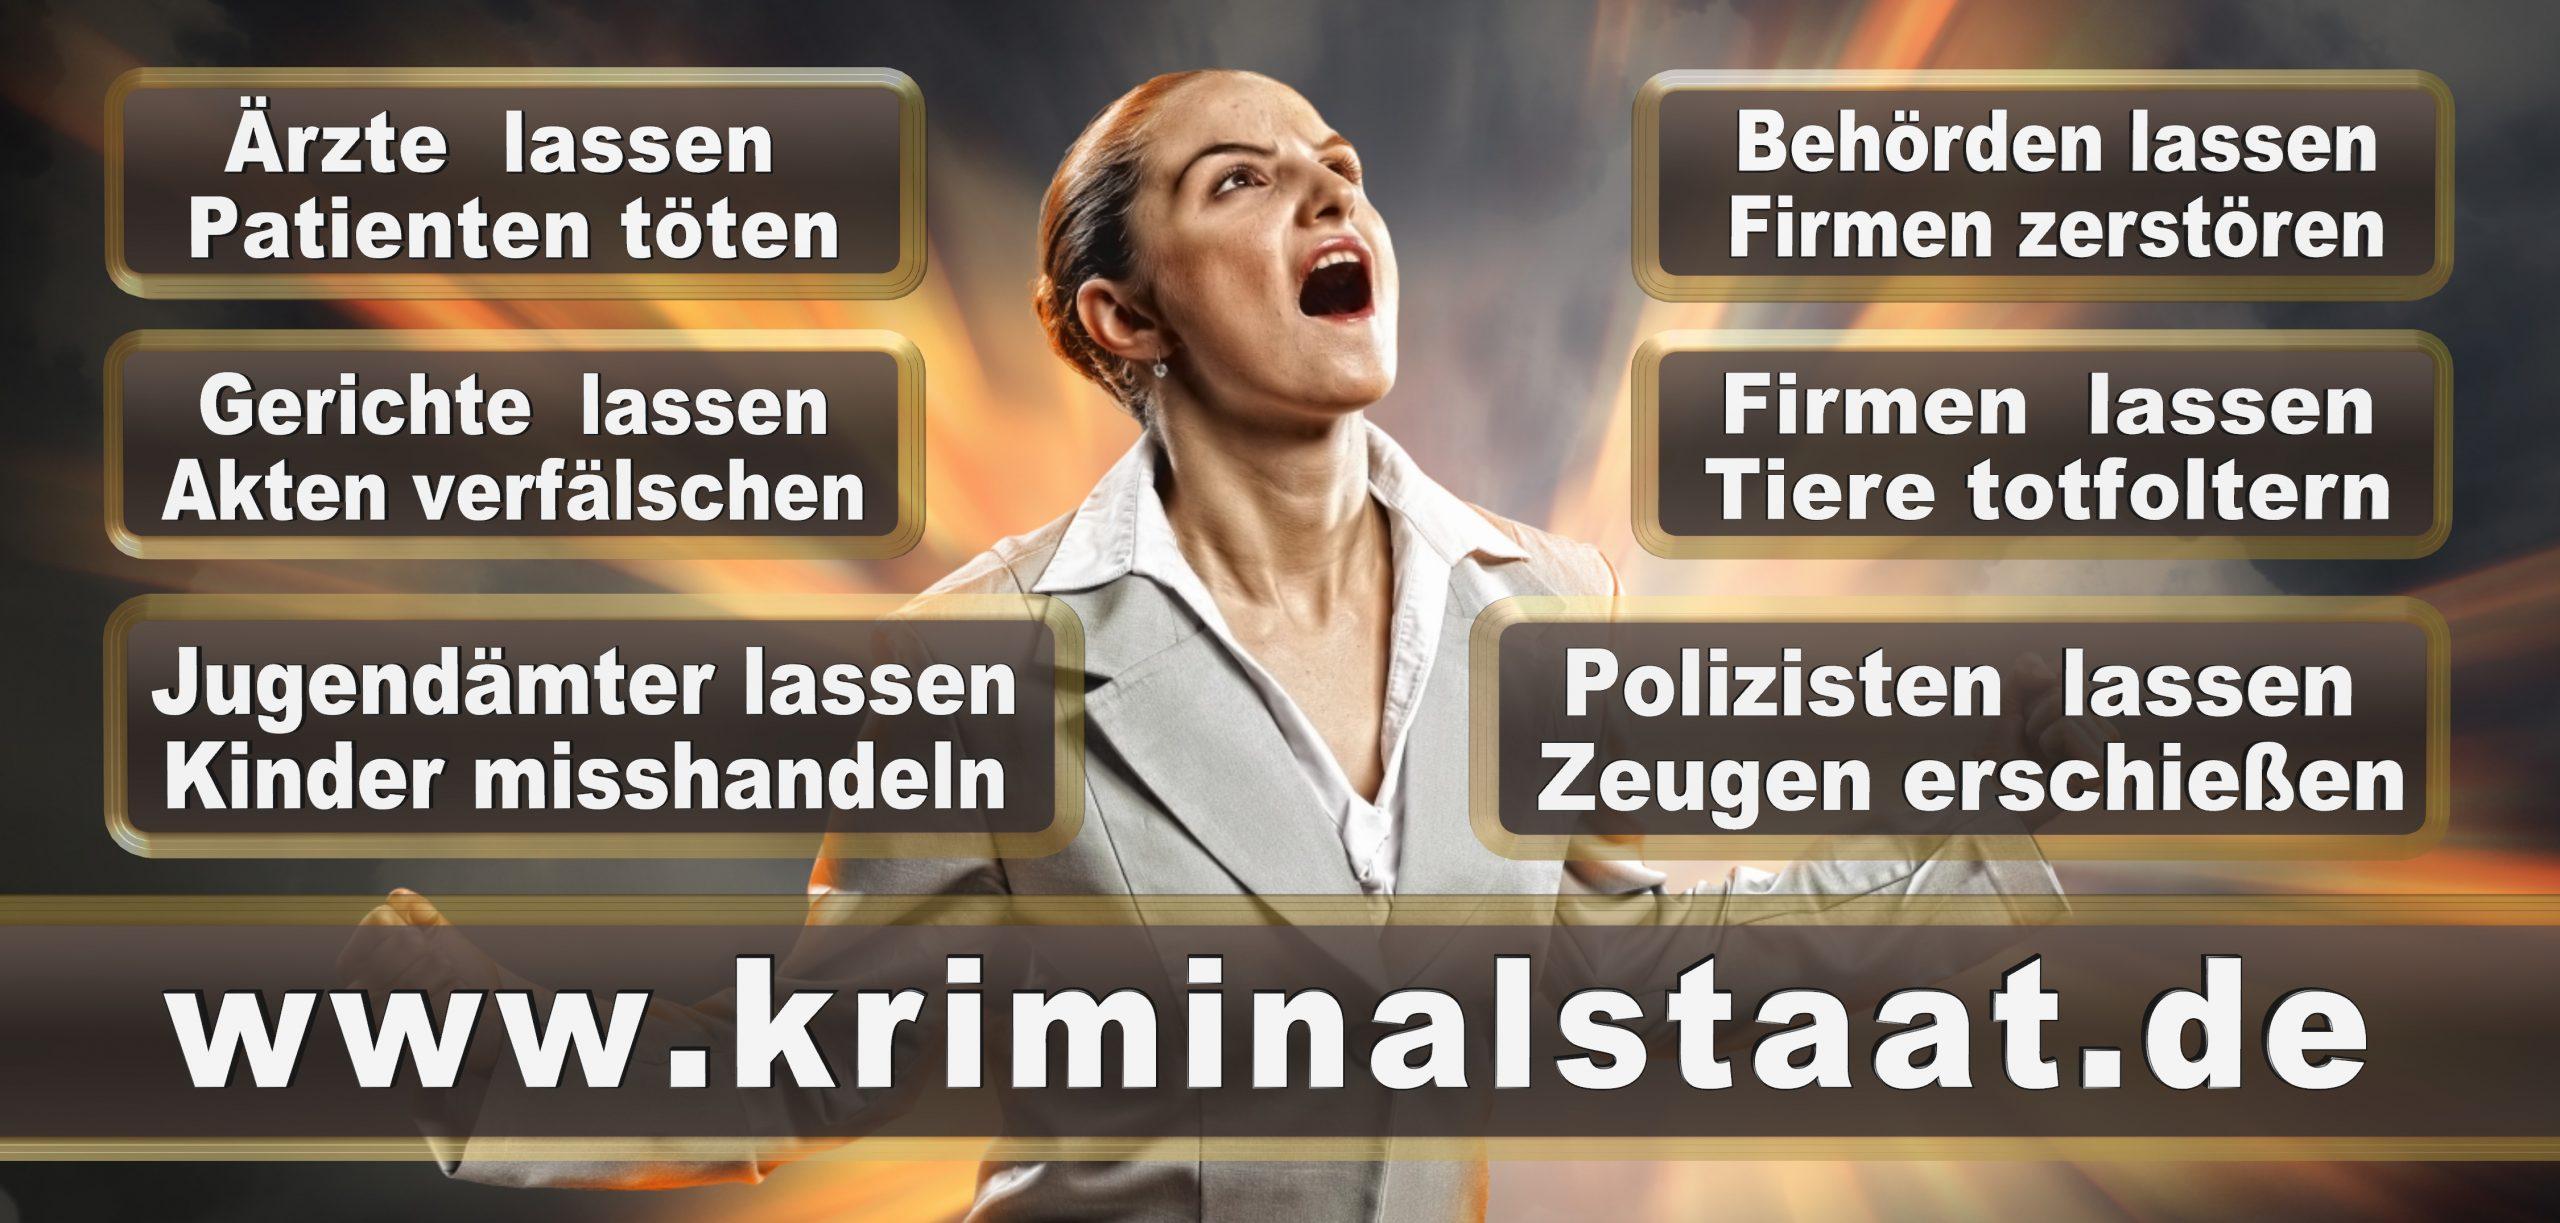 Bundestagswahl 2021 Wahlplakate CDU SPD FDP AFD Grüne Linke Stimmzettel Prognose Umfrage Kandidaten Parteien Datum (75)